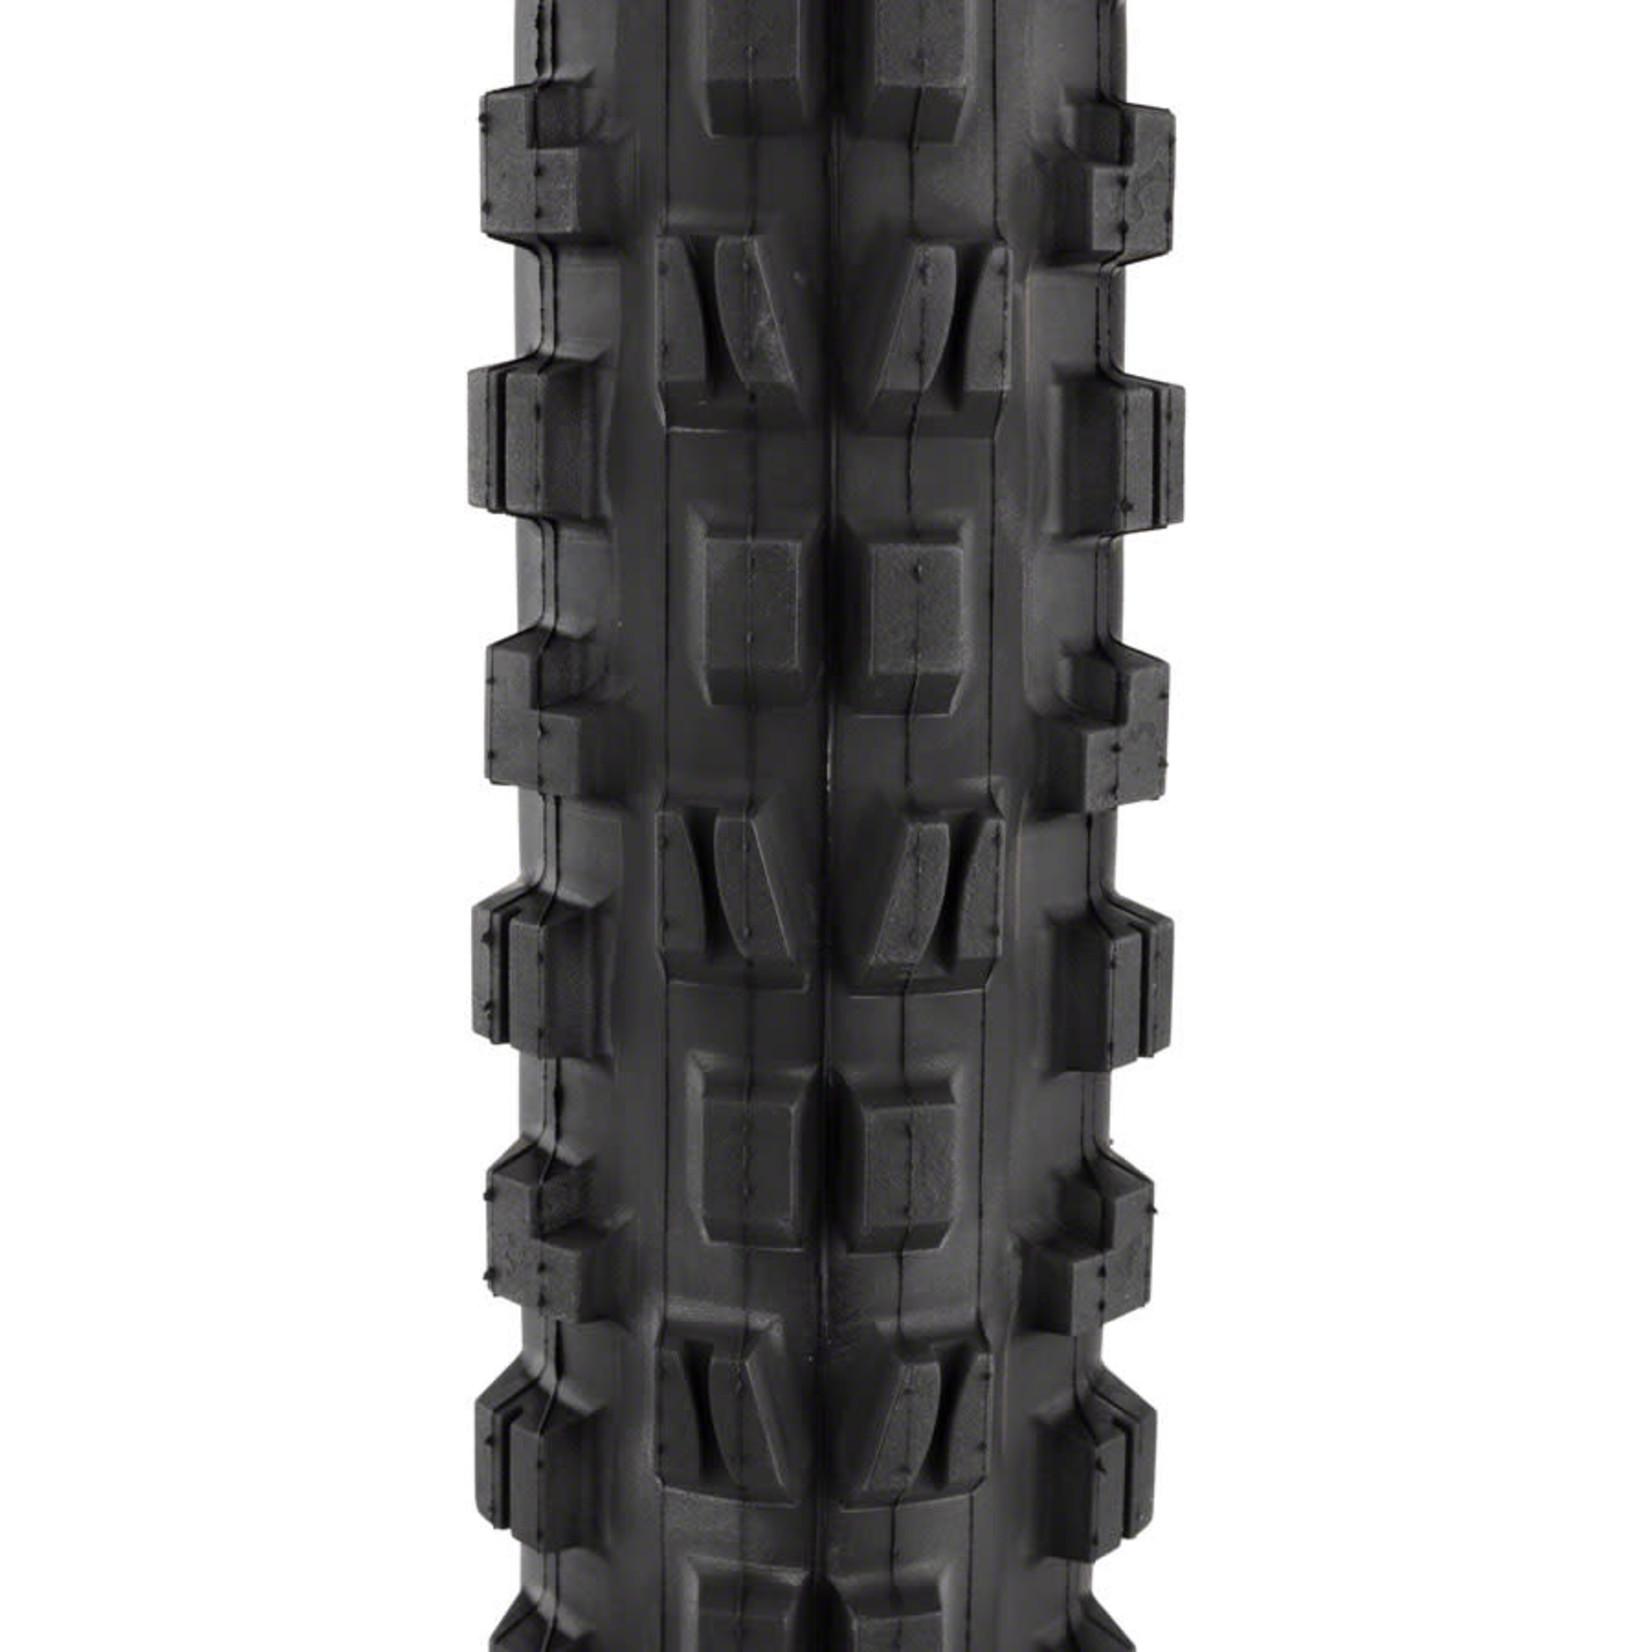 Maxxis Maxxis Minion DHF Tire - 29 x 2.5 - Tubeless - 3C Maxx Grip - EXO - Wide Trail